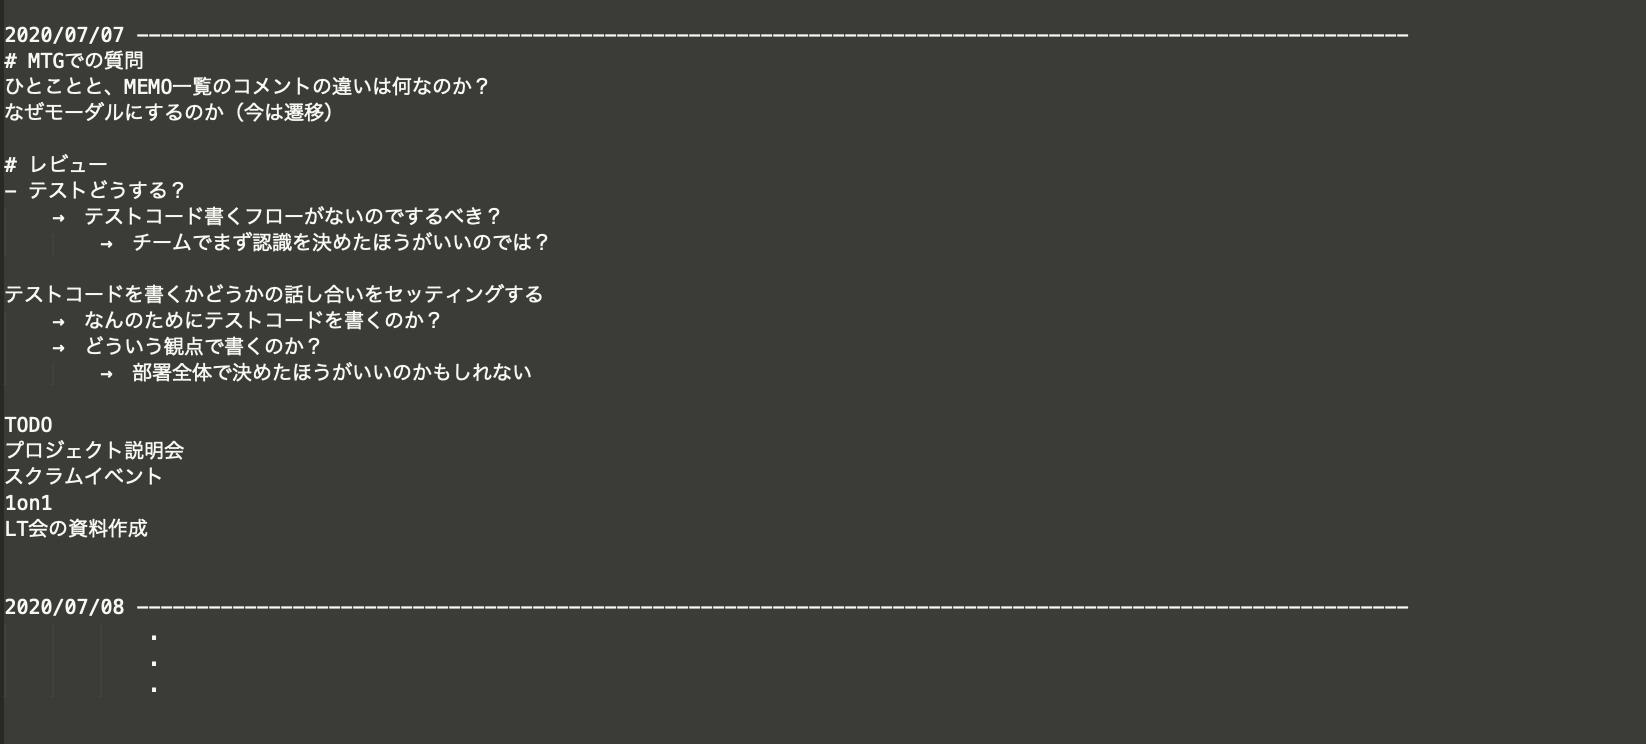 スクリーンショット 2020-08-25 14.39.08.png